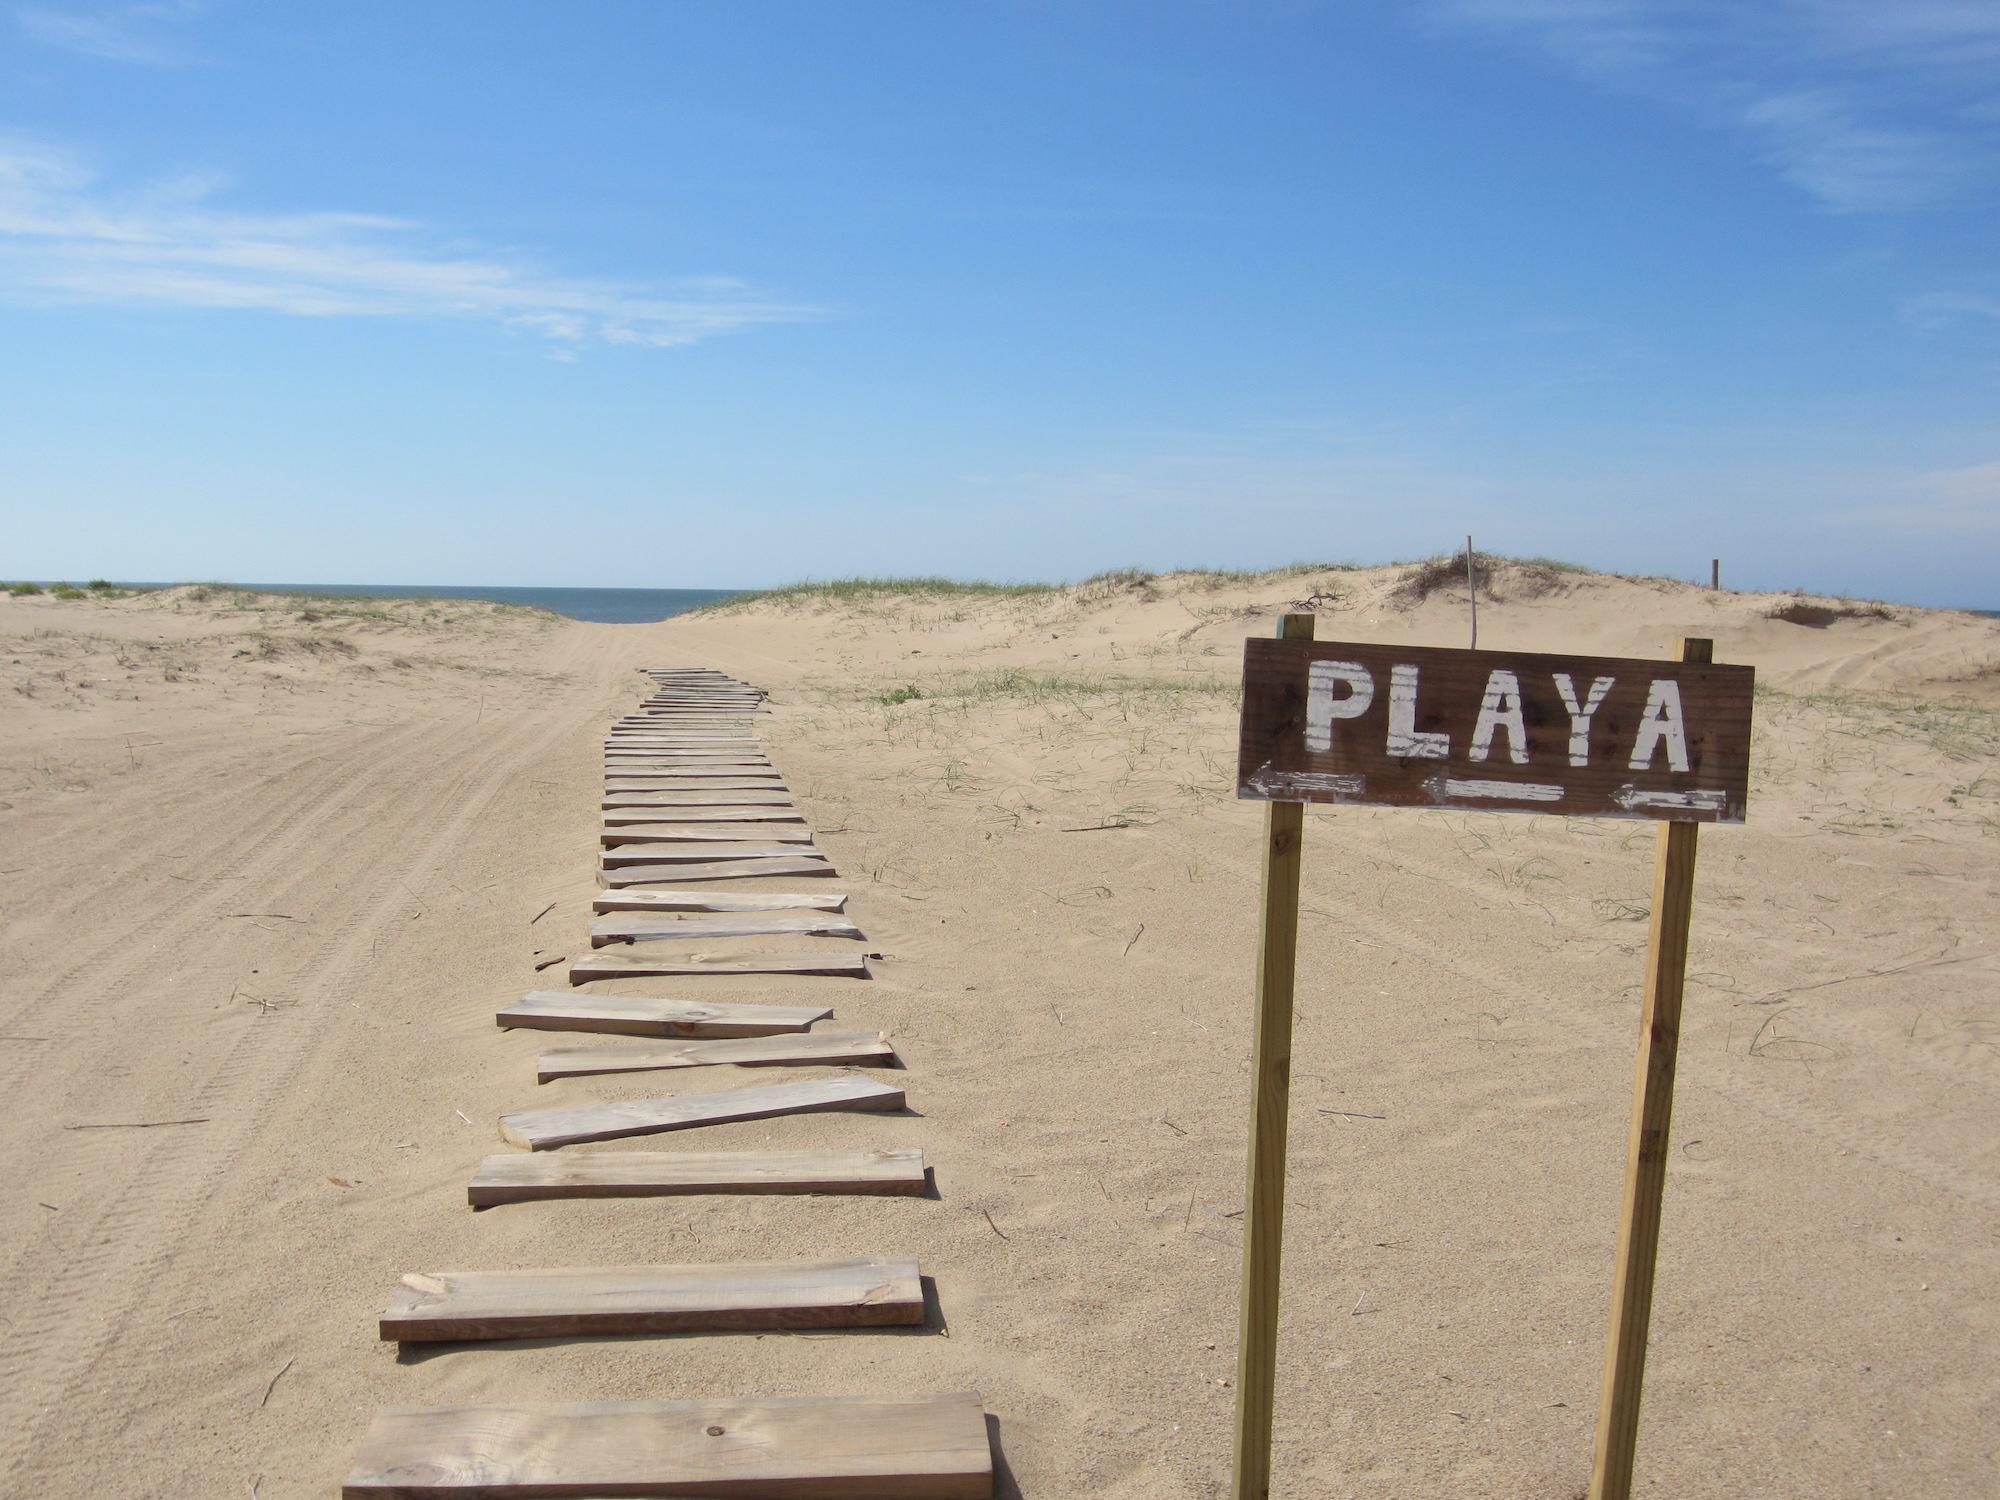 Beach Uruguay, Punta del este